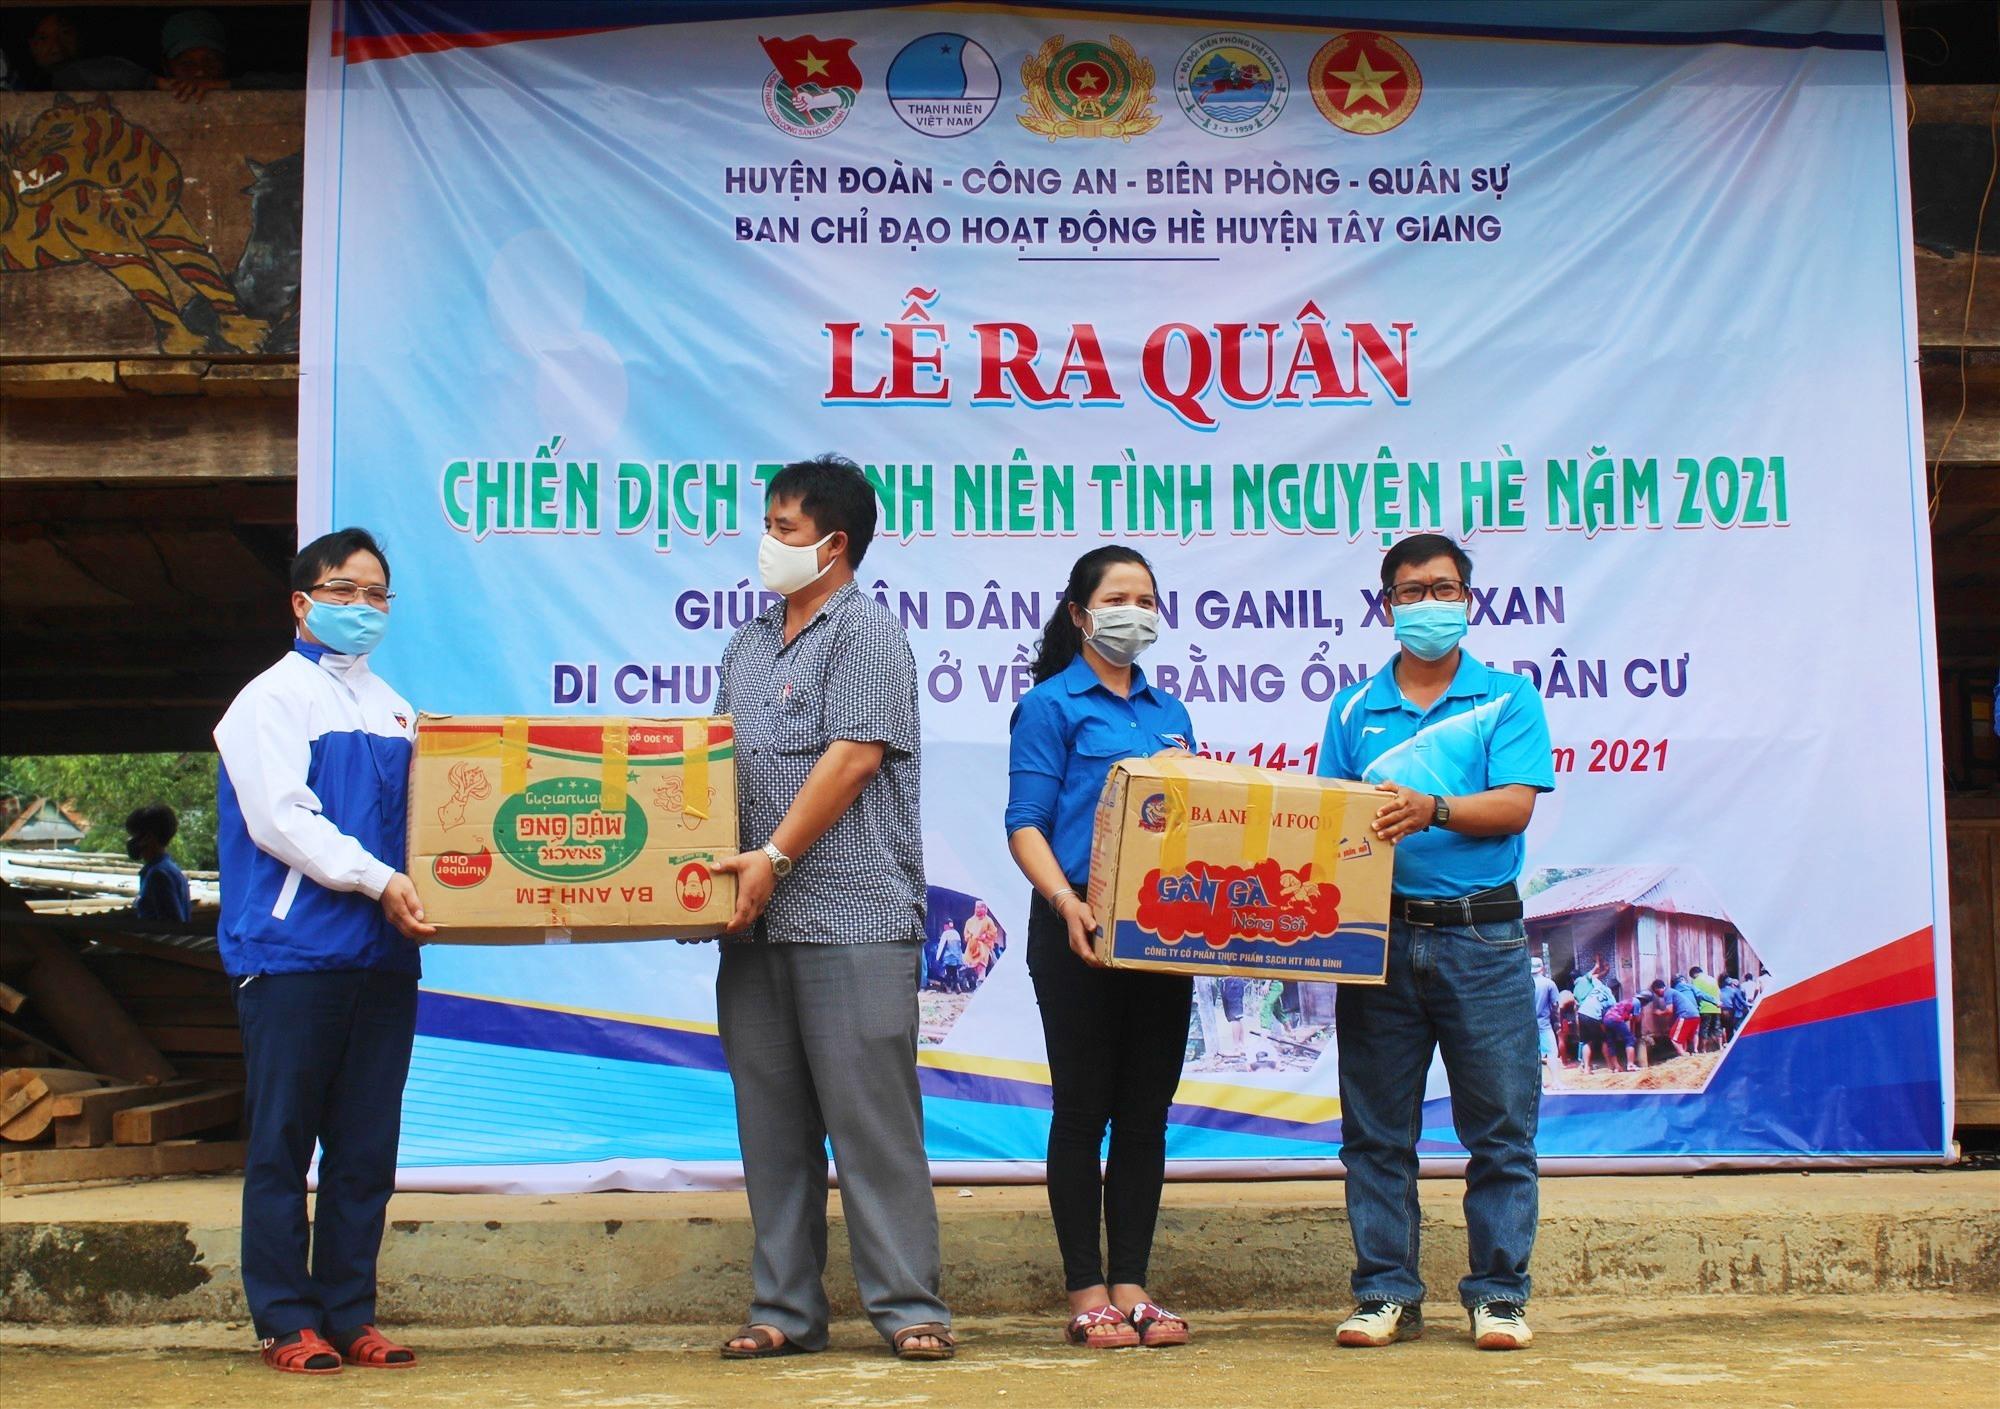 Lãnh đạo huyện tặng quà động viên các ĐV-TN hoàn thành nhiệm vụ của mình. Ảnh: Đ.H